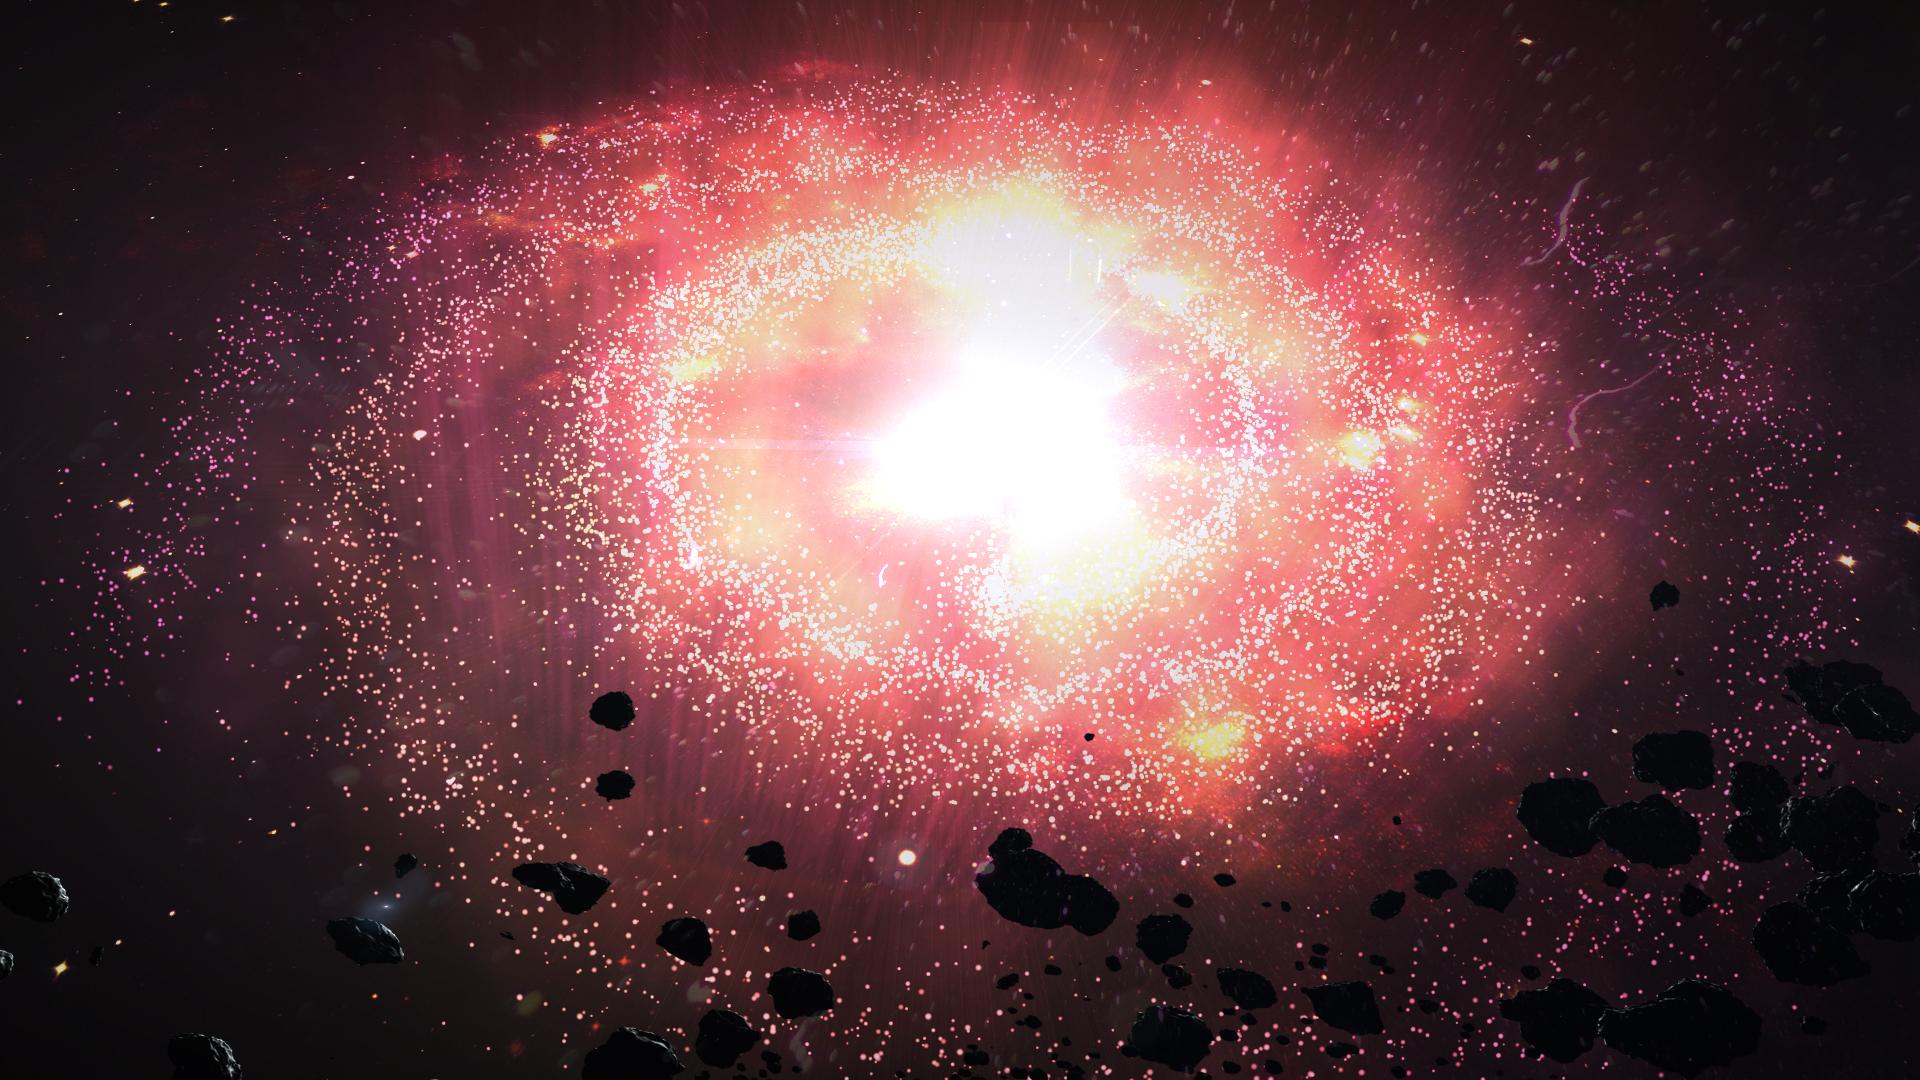 Nebula Explosion? by xameleon on DeviantArt